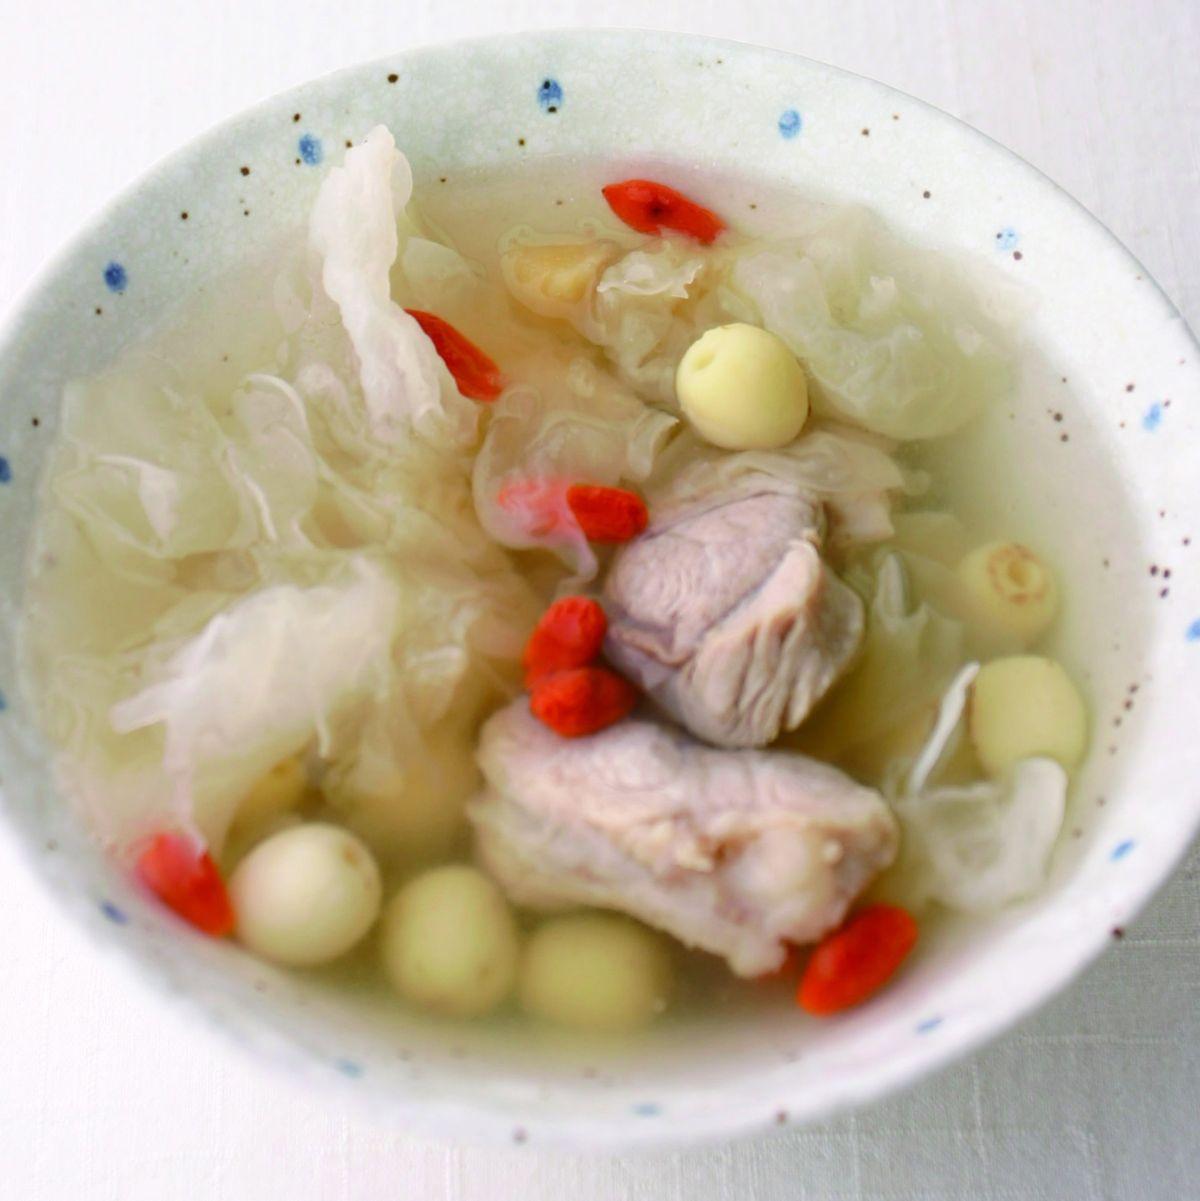 食譜:蓮子雪耳瘦肉湯